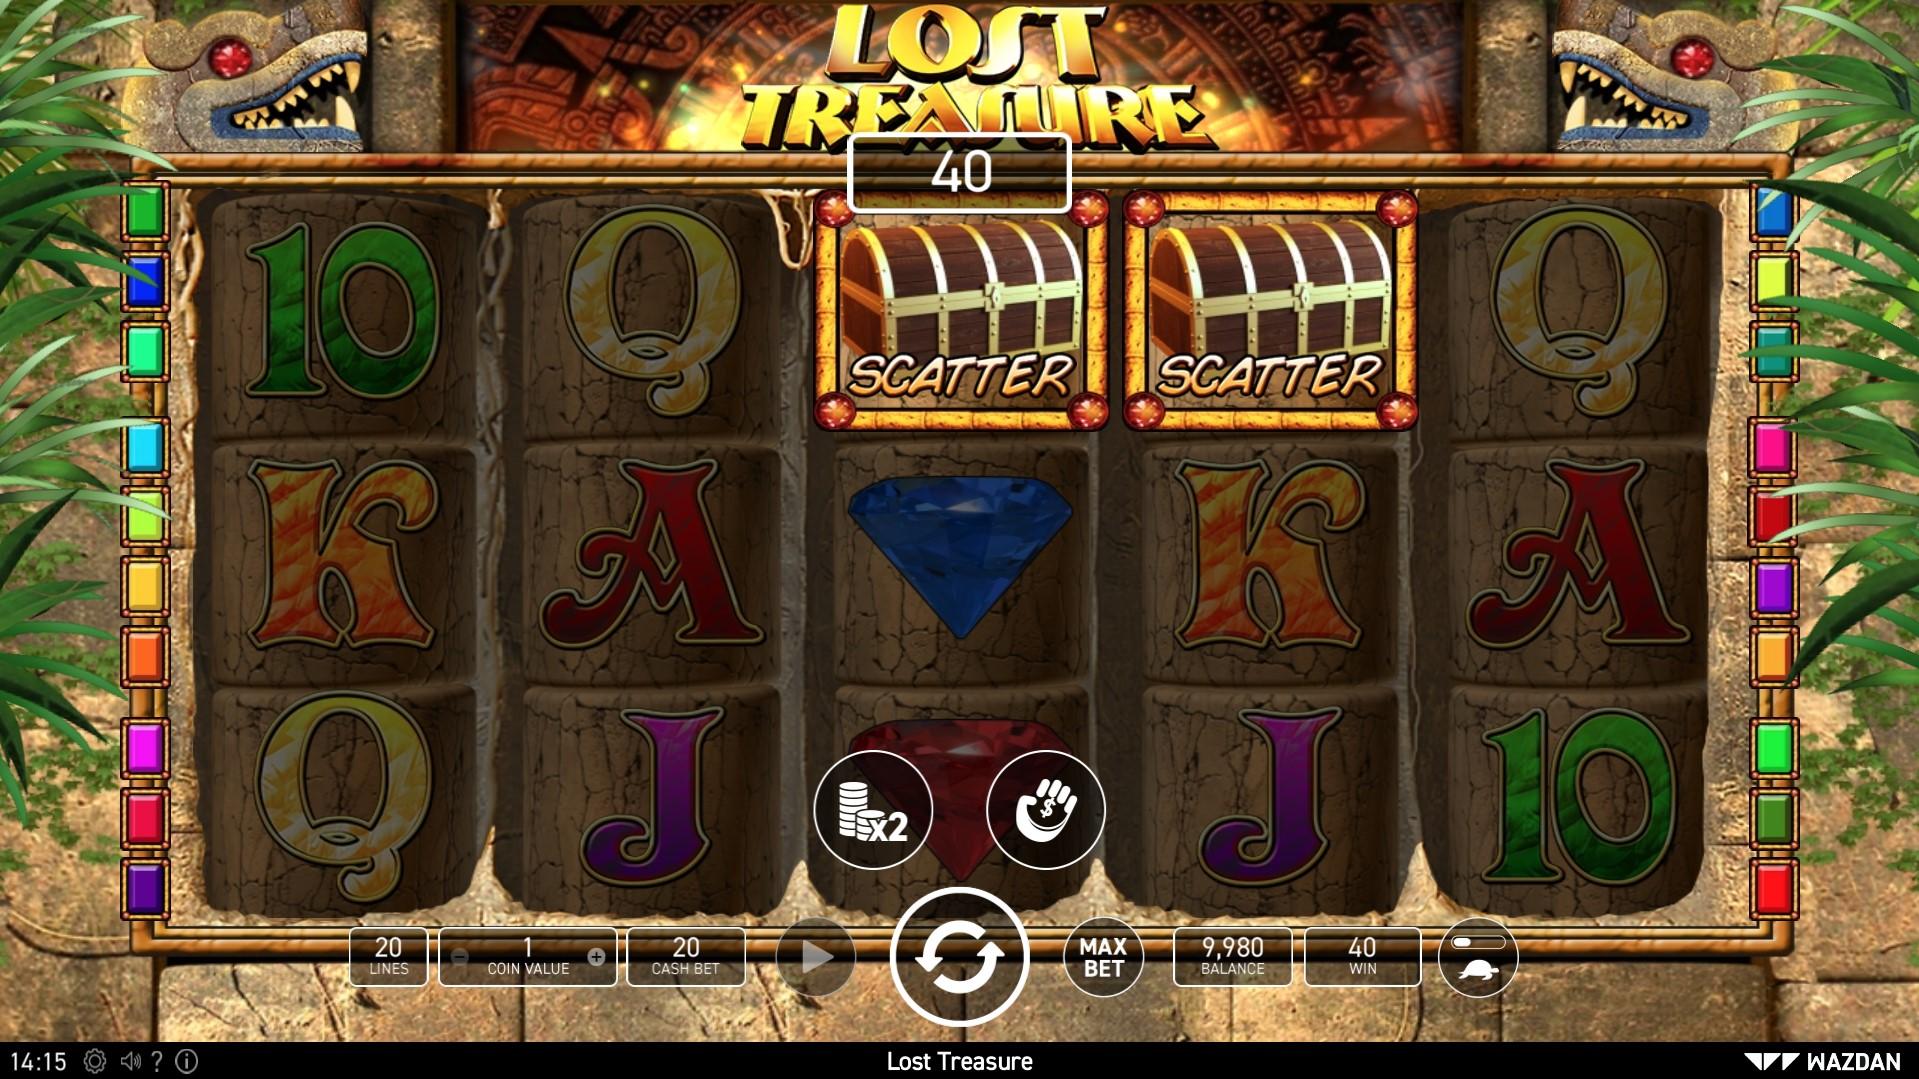 Lost treasure games free online